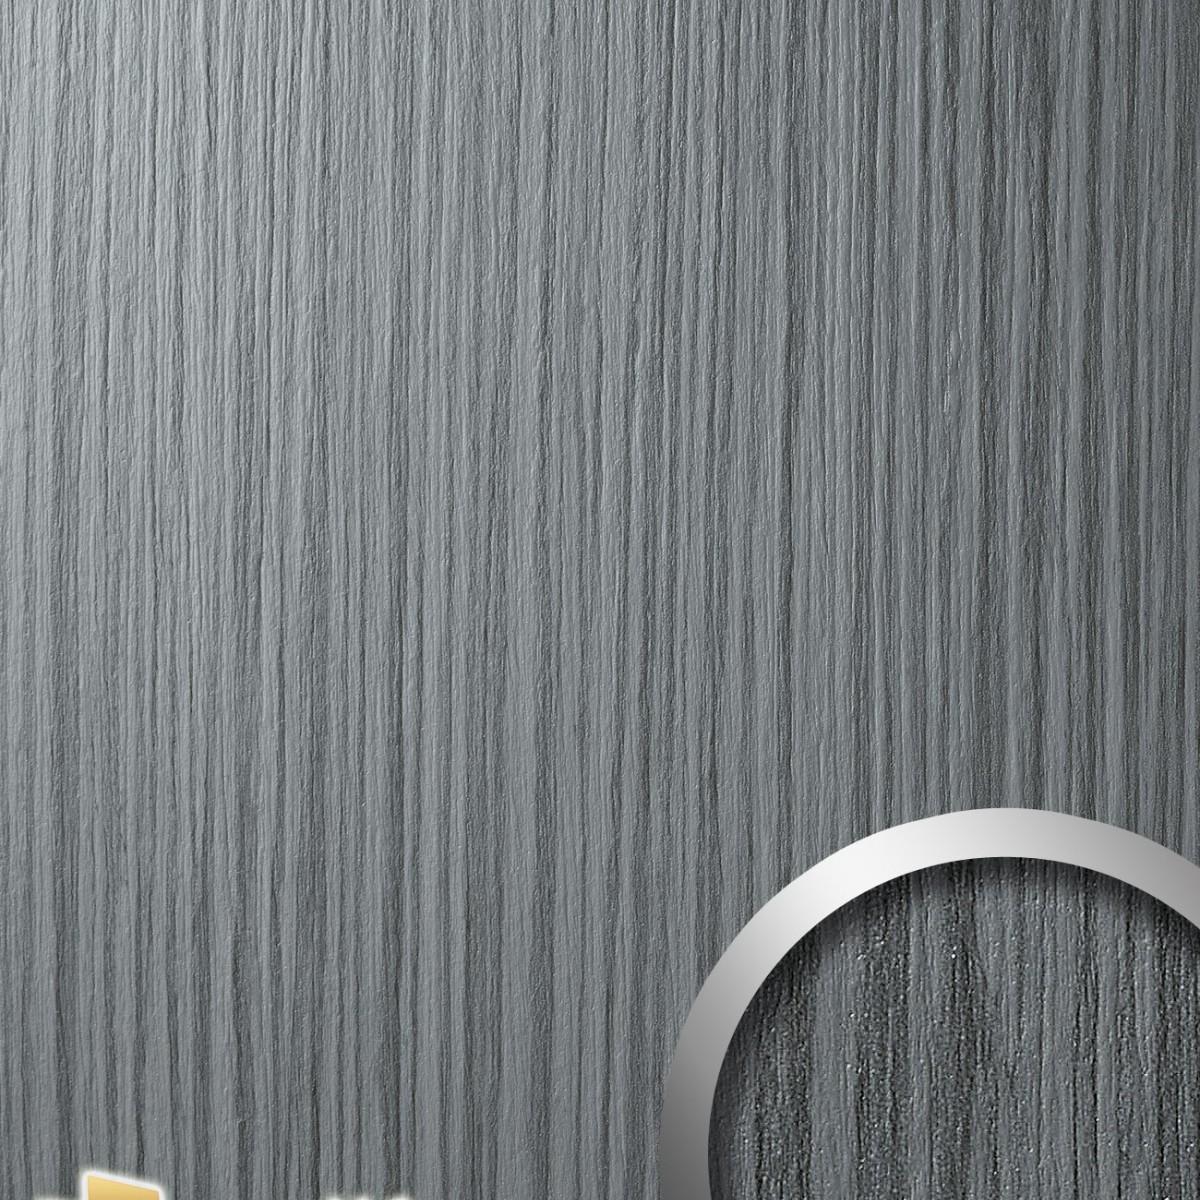 Panou decorativ DECO 12440, WallFace, autocolant